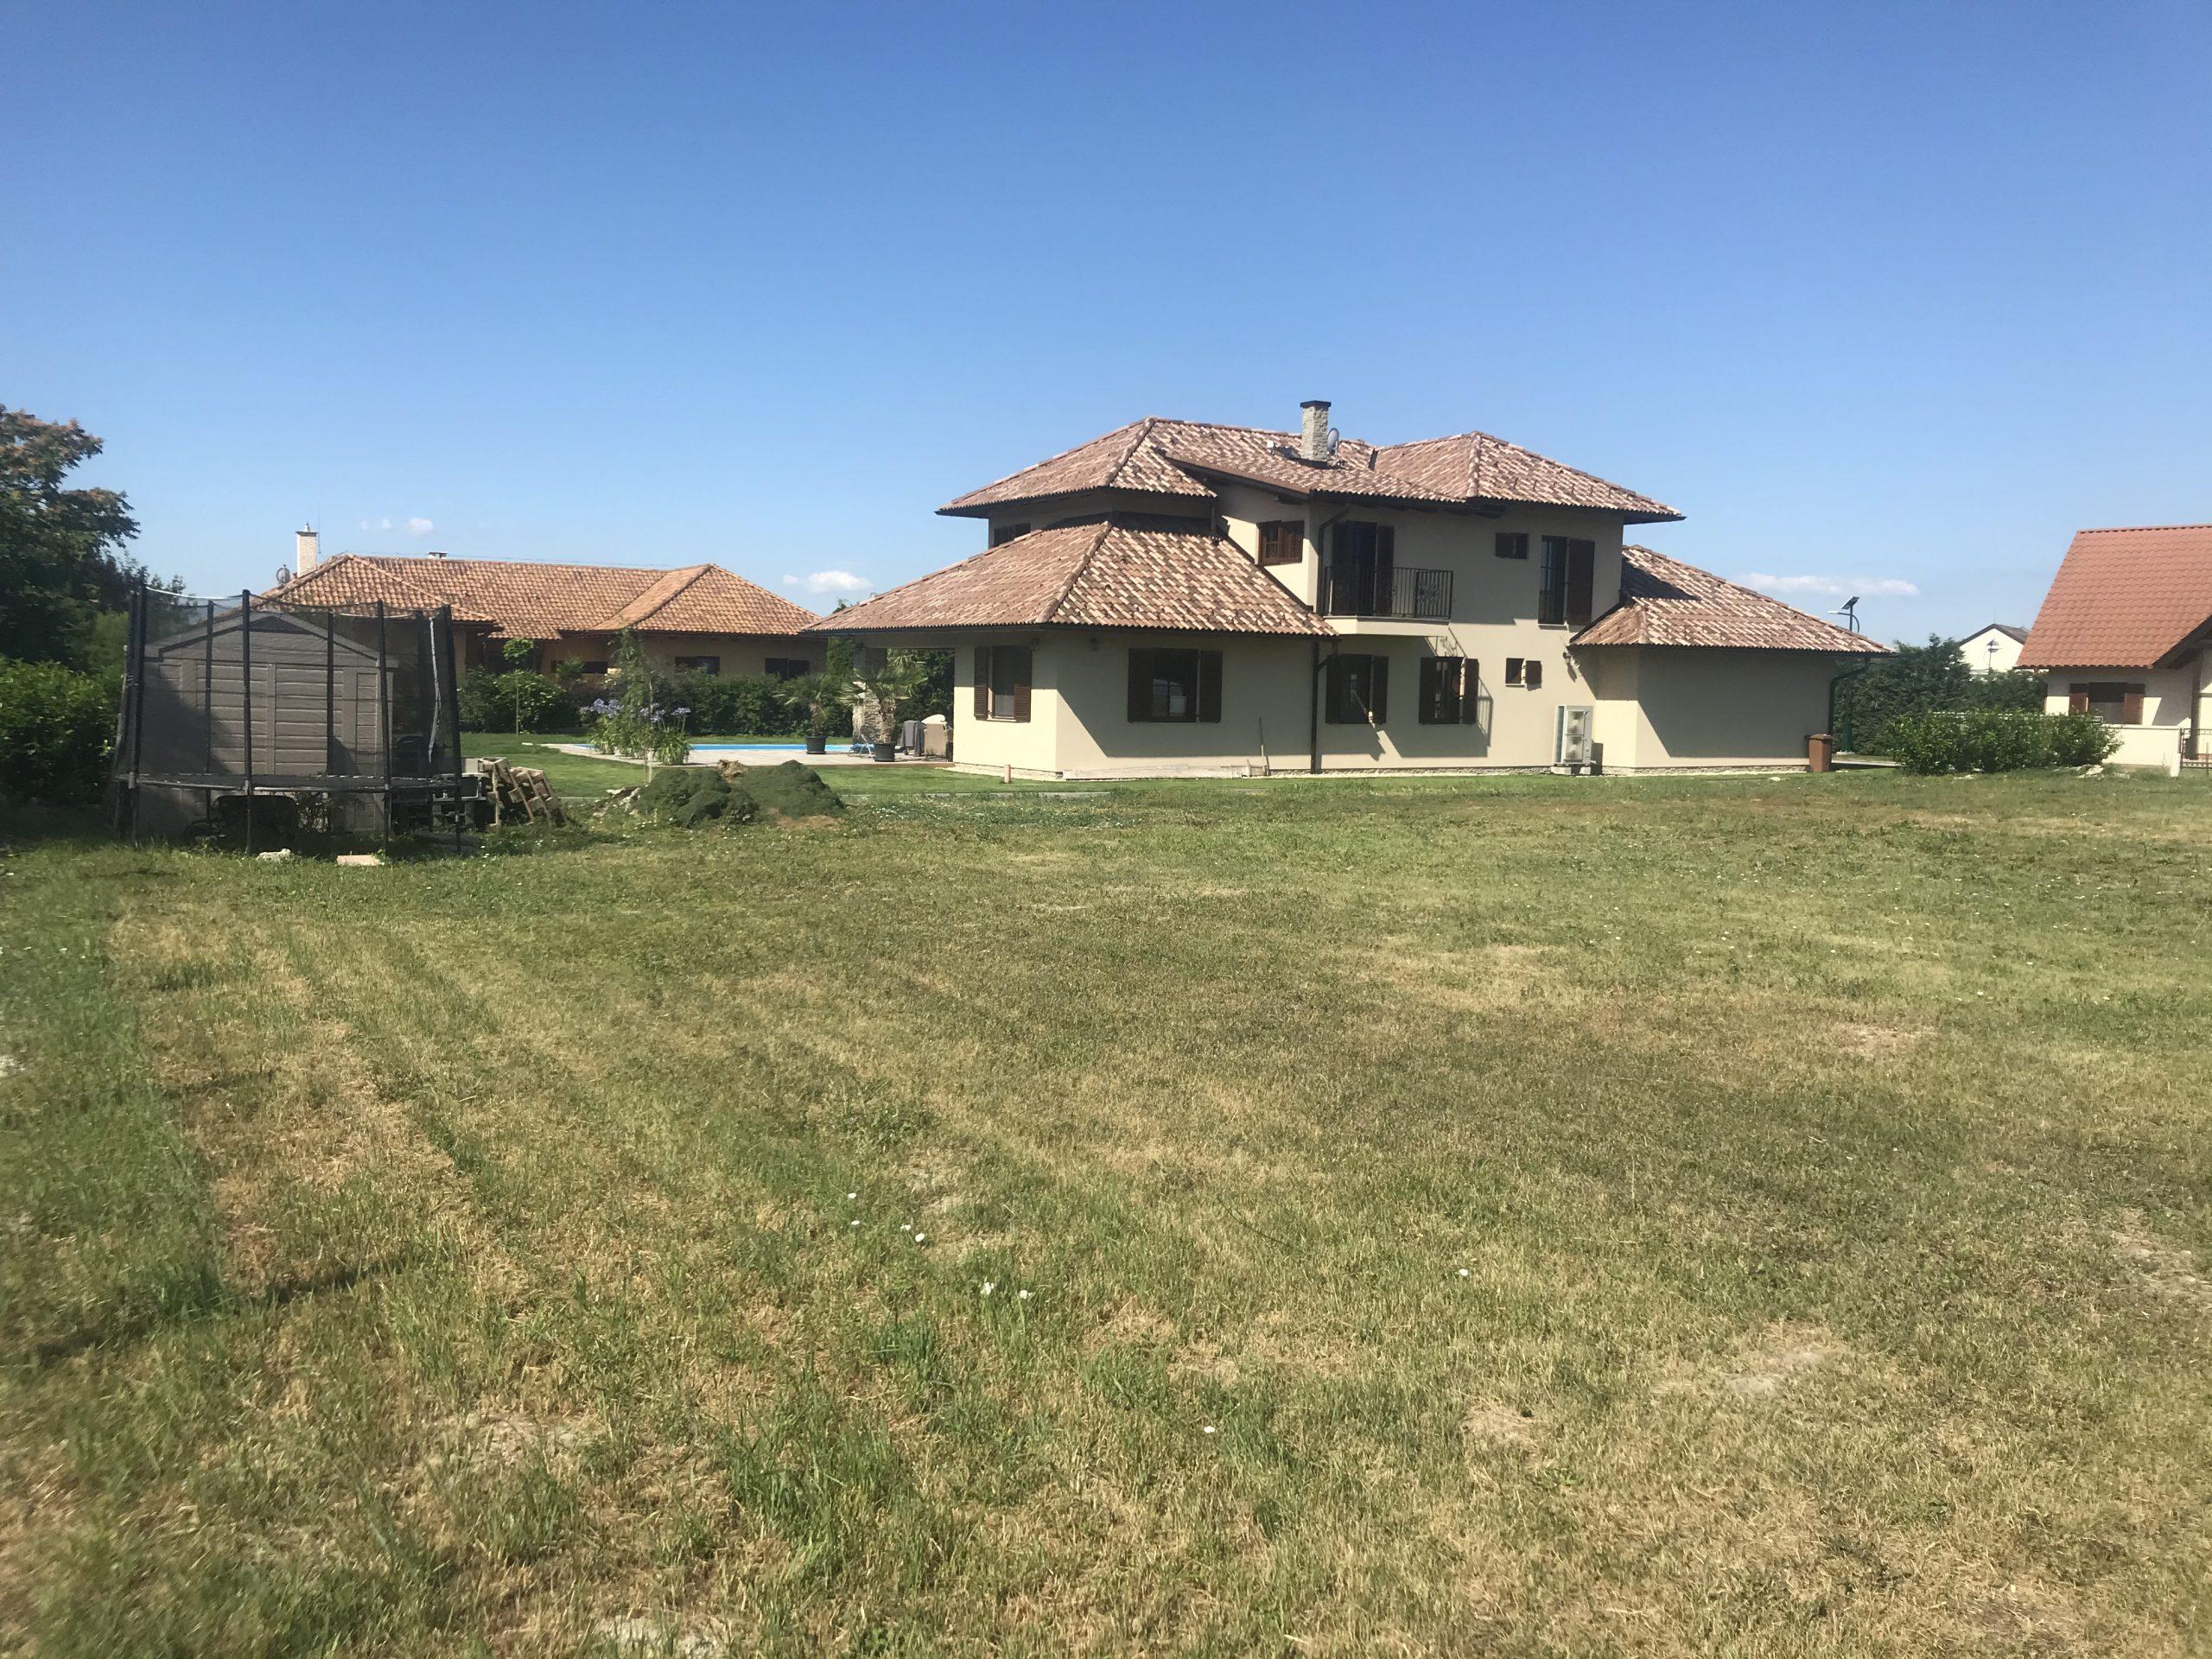 Családi-ház-hátsó-nézet-bal-távoli